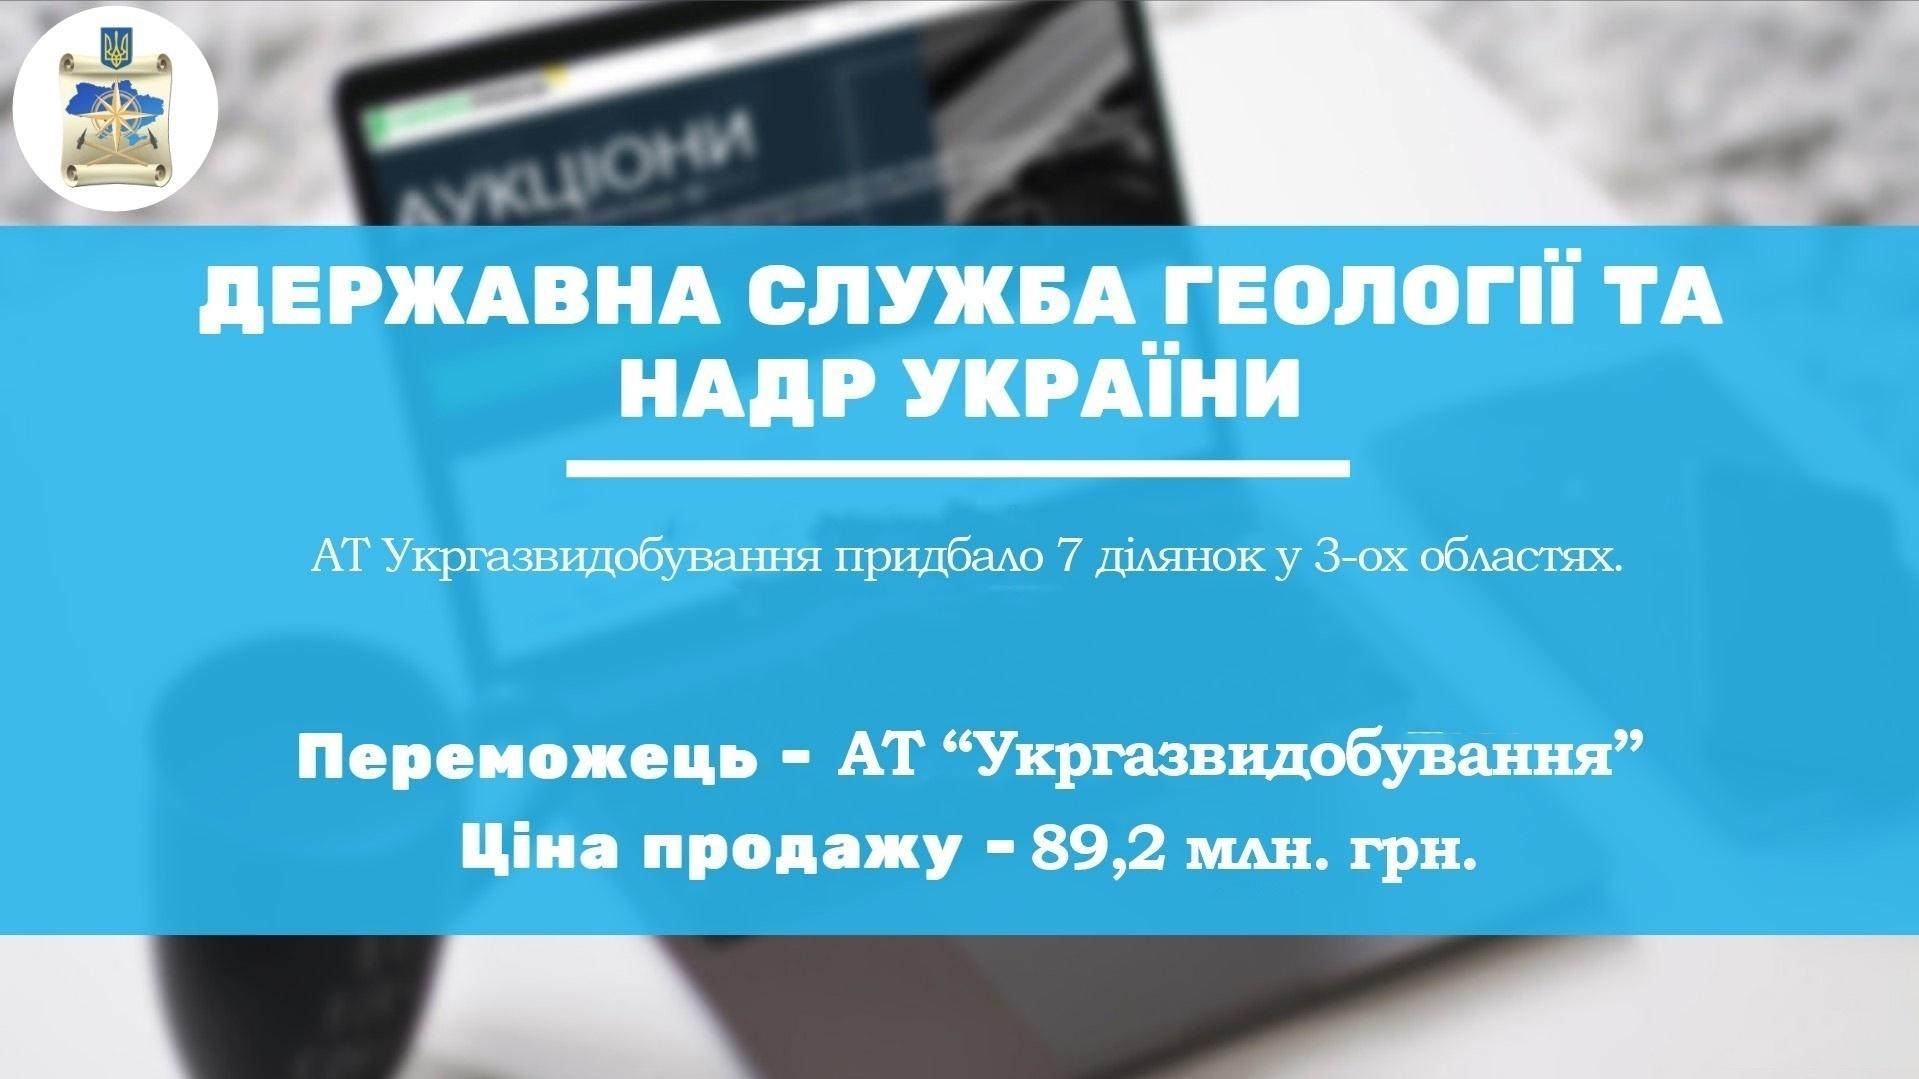 «Укргазвидобування» на аукціоні Держгеонадр за 89,2 млн грн придбала спецдозволи на 7 ділянок